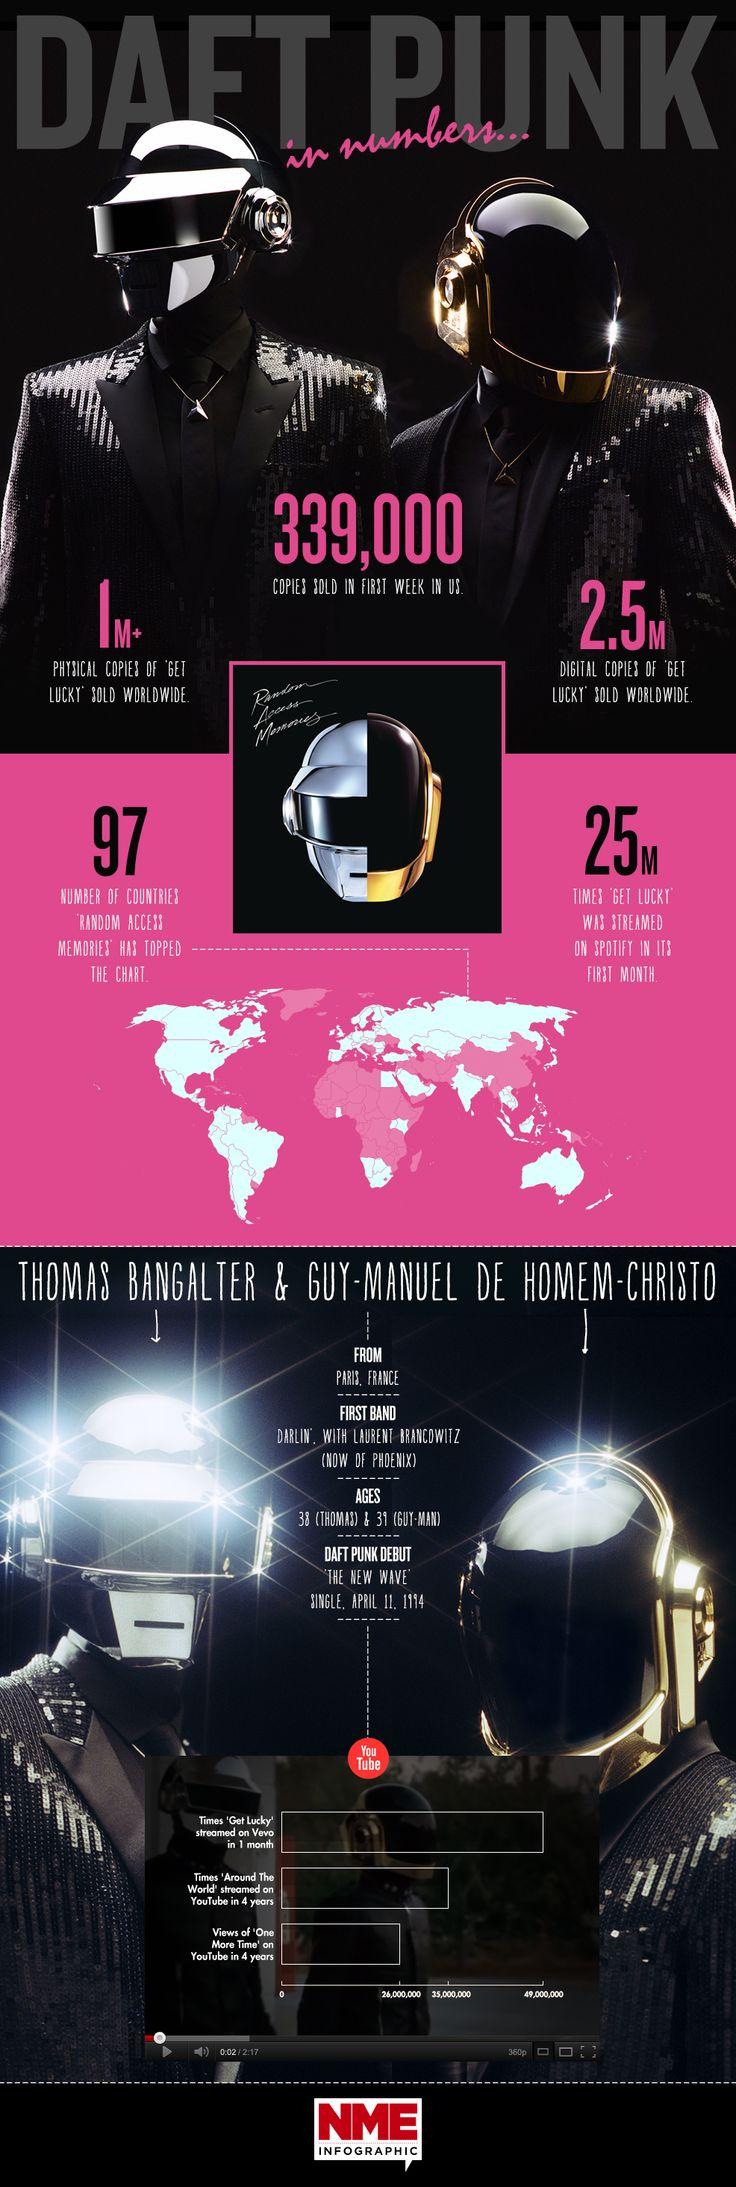 Daft Punk en números.